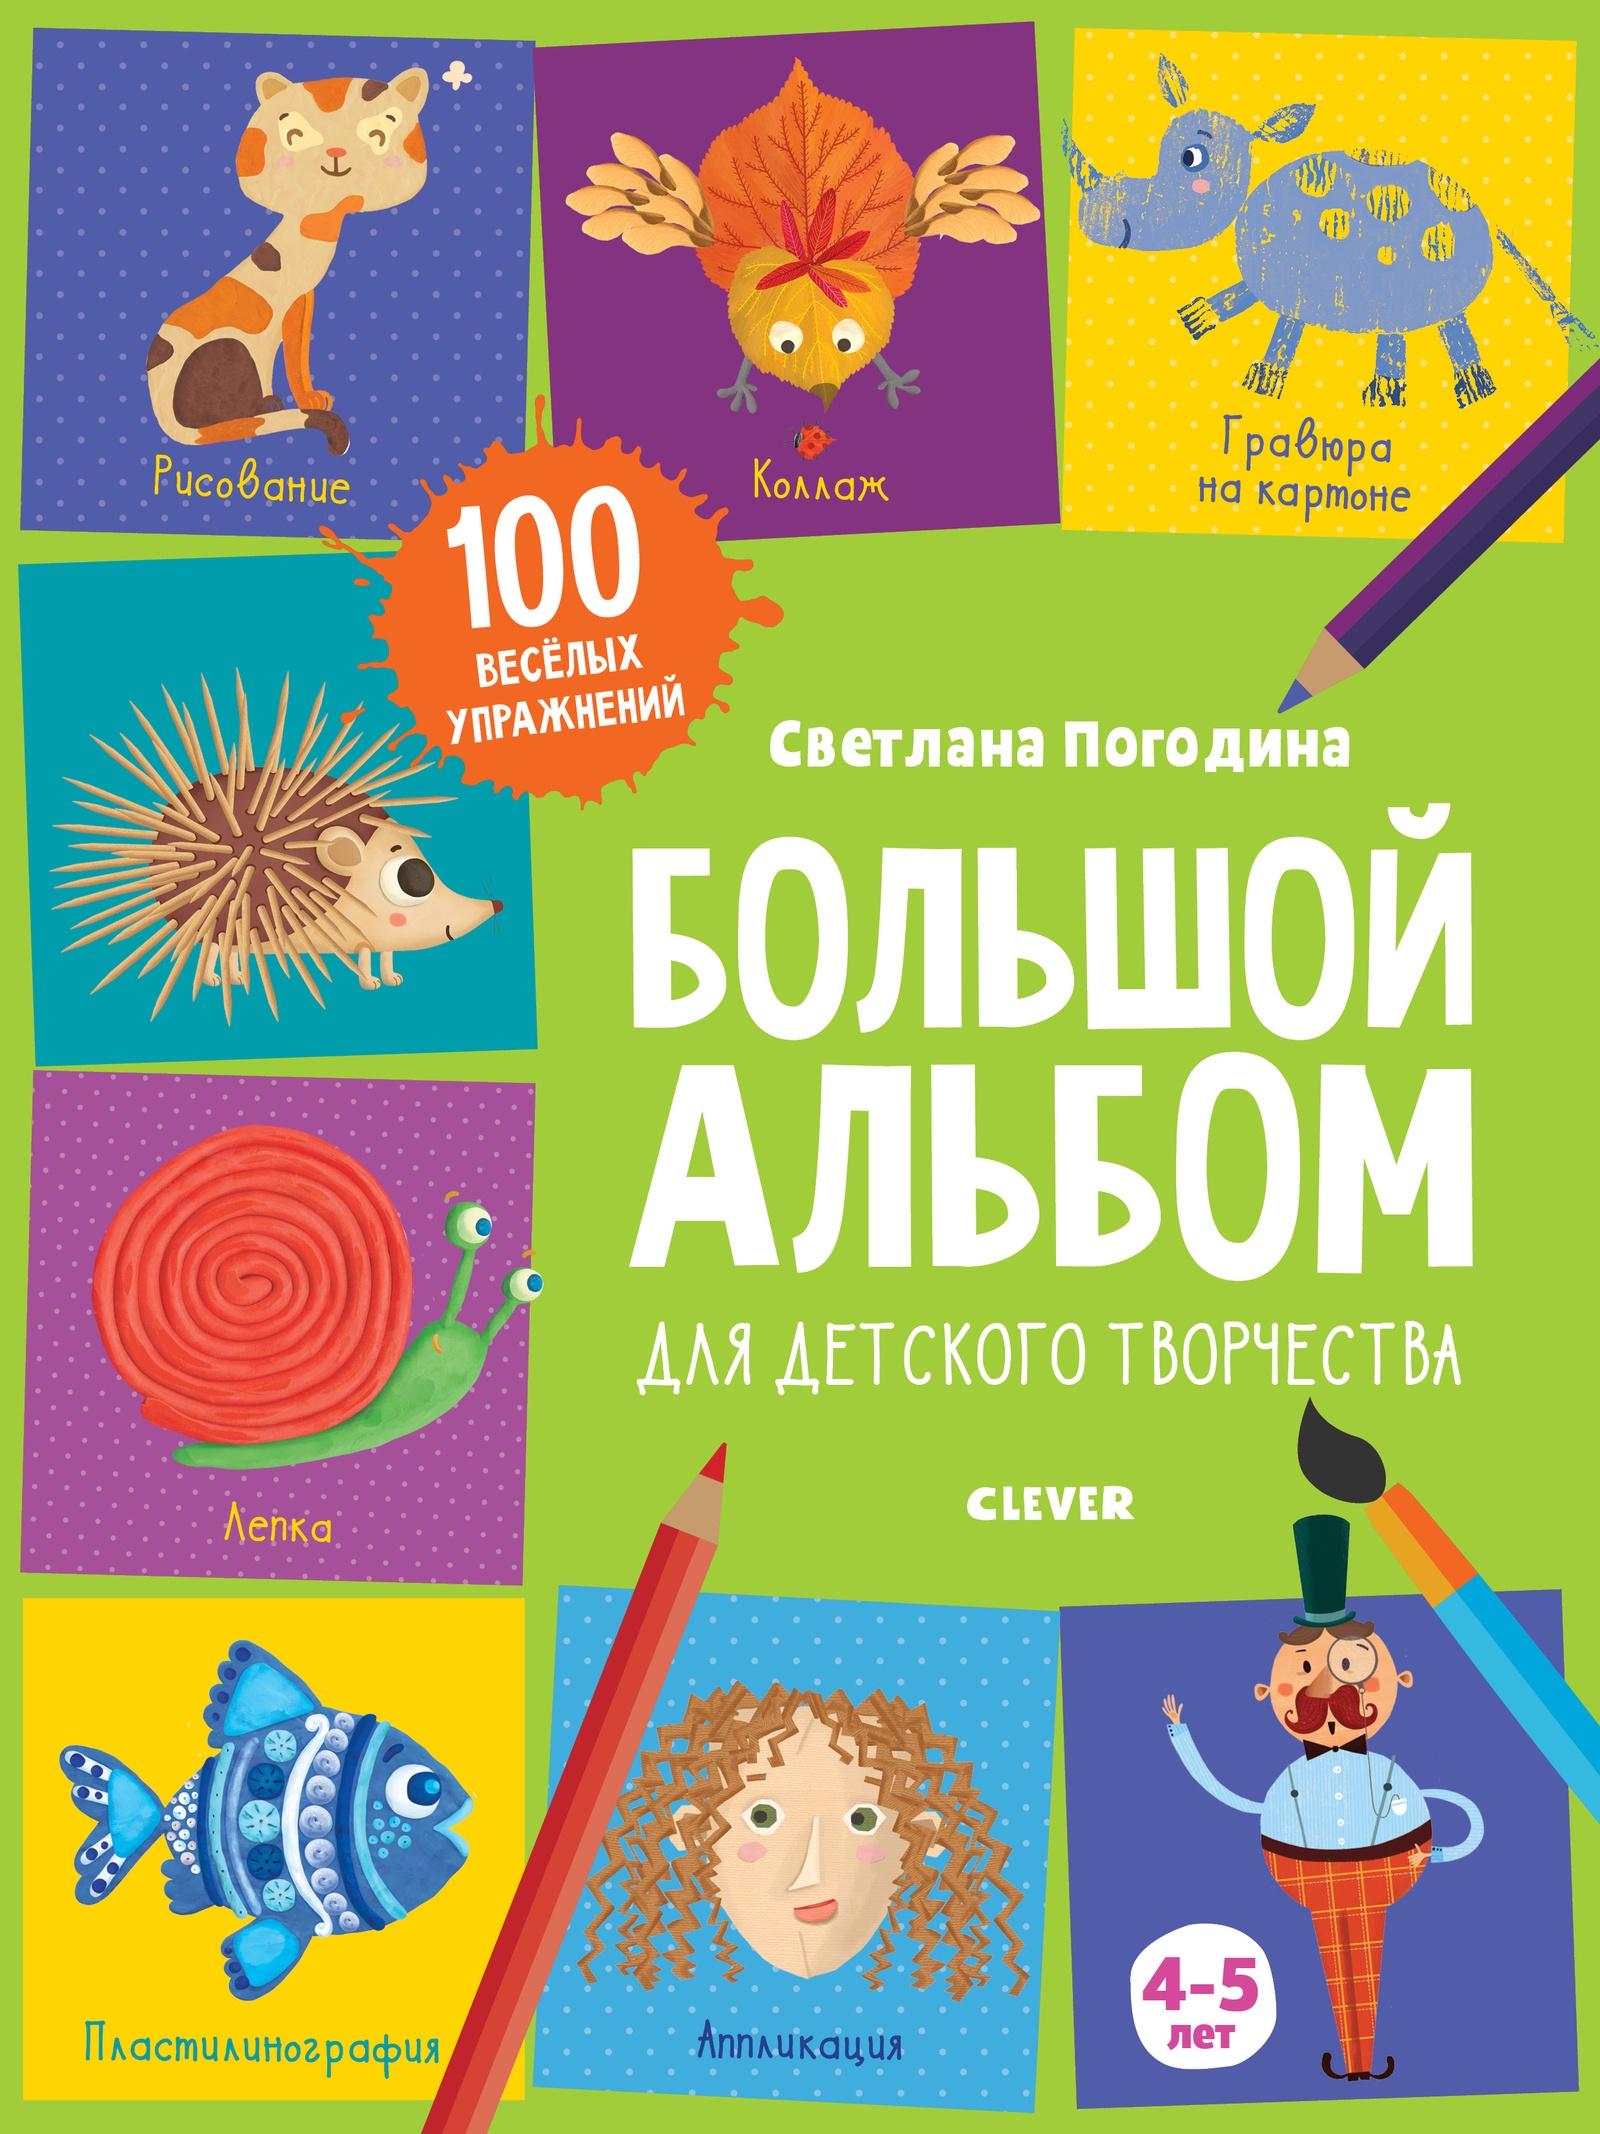 Погодина С. Большой альбом для детского творчества. 4-5 лет погодина с большой альбом для детского творчества 5 6 лет